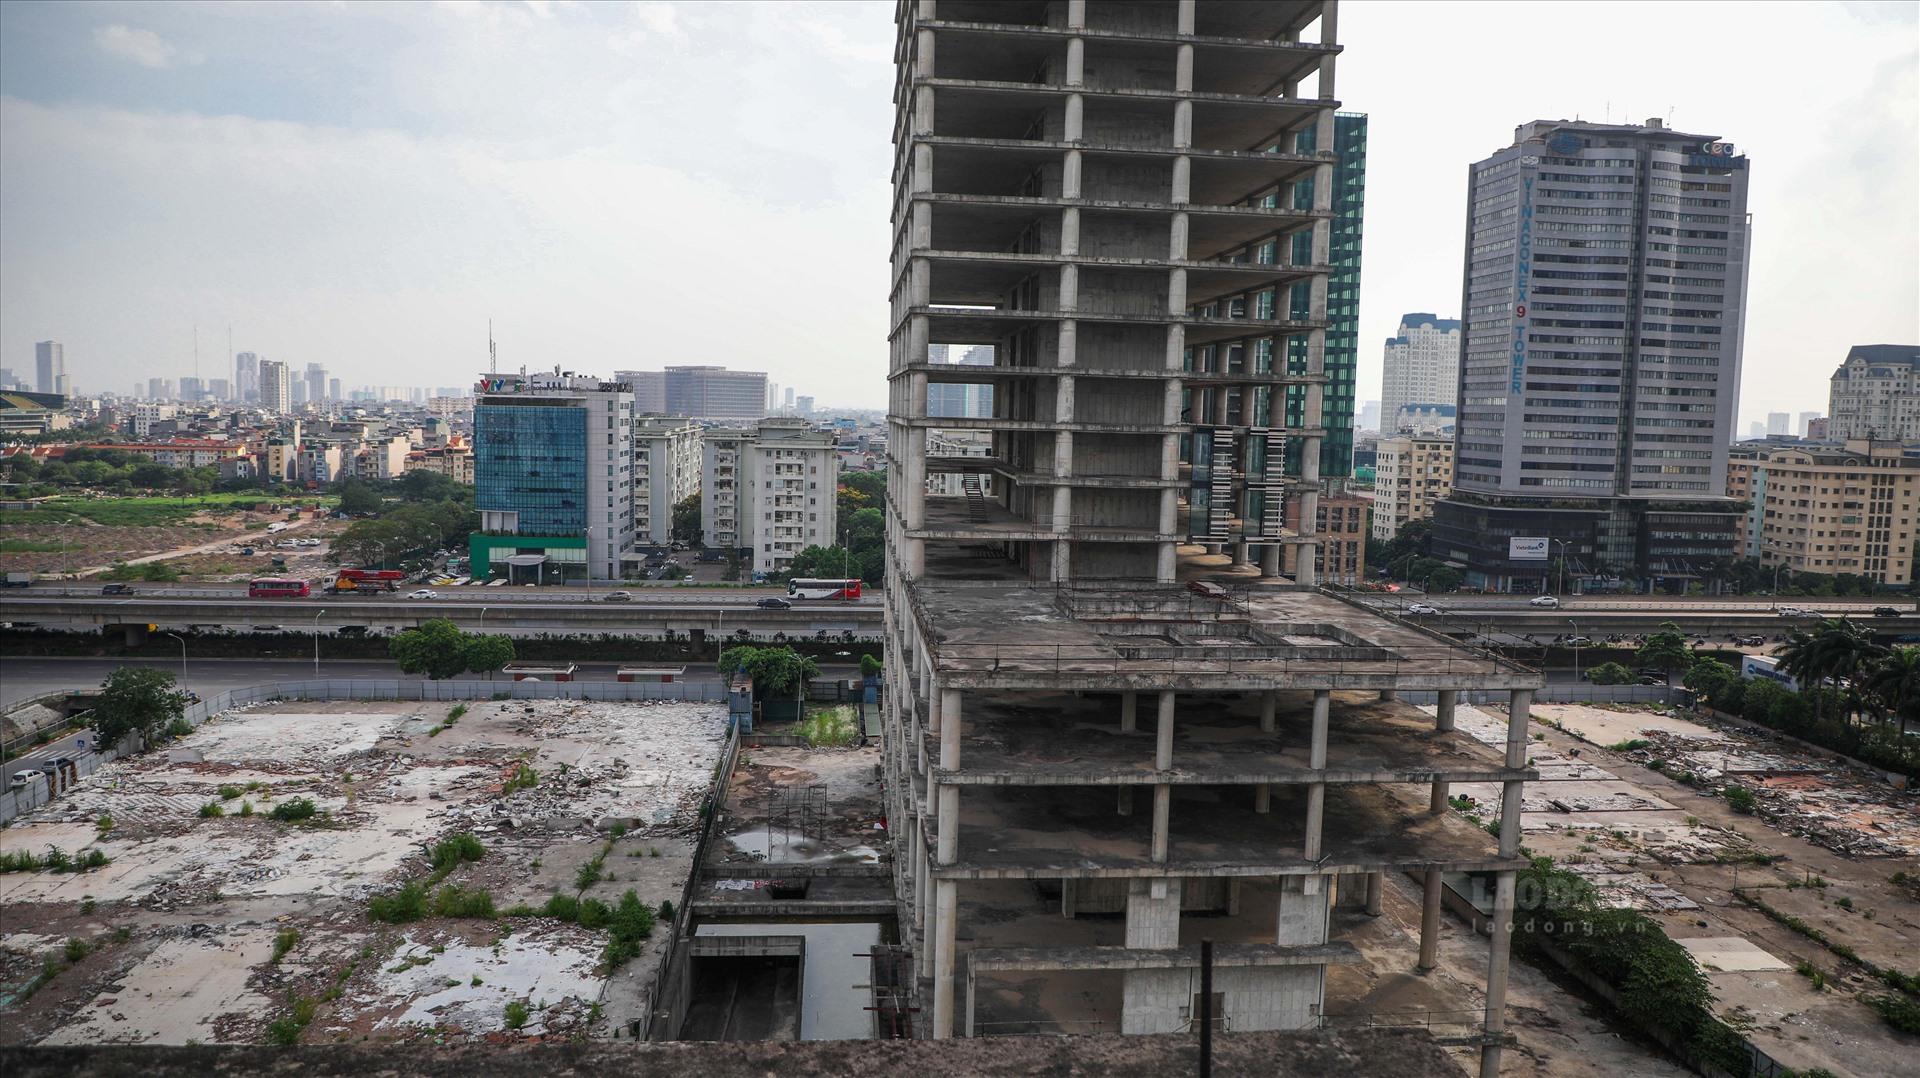 Vicem muốn bán tòa tháp nghìn tỷ tại Cầu Giấy - Ảnh 1